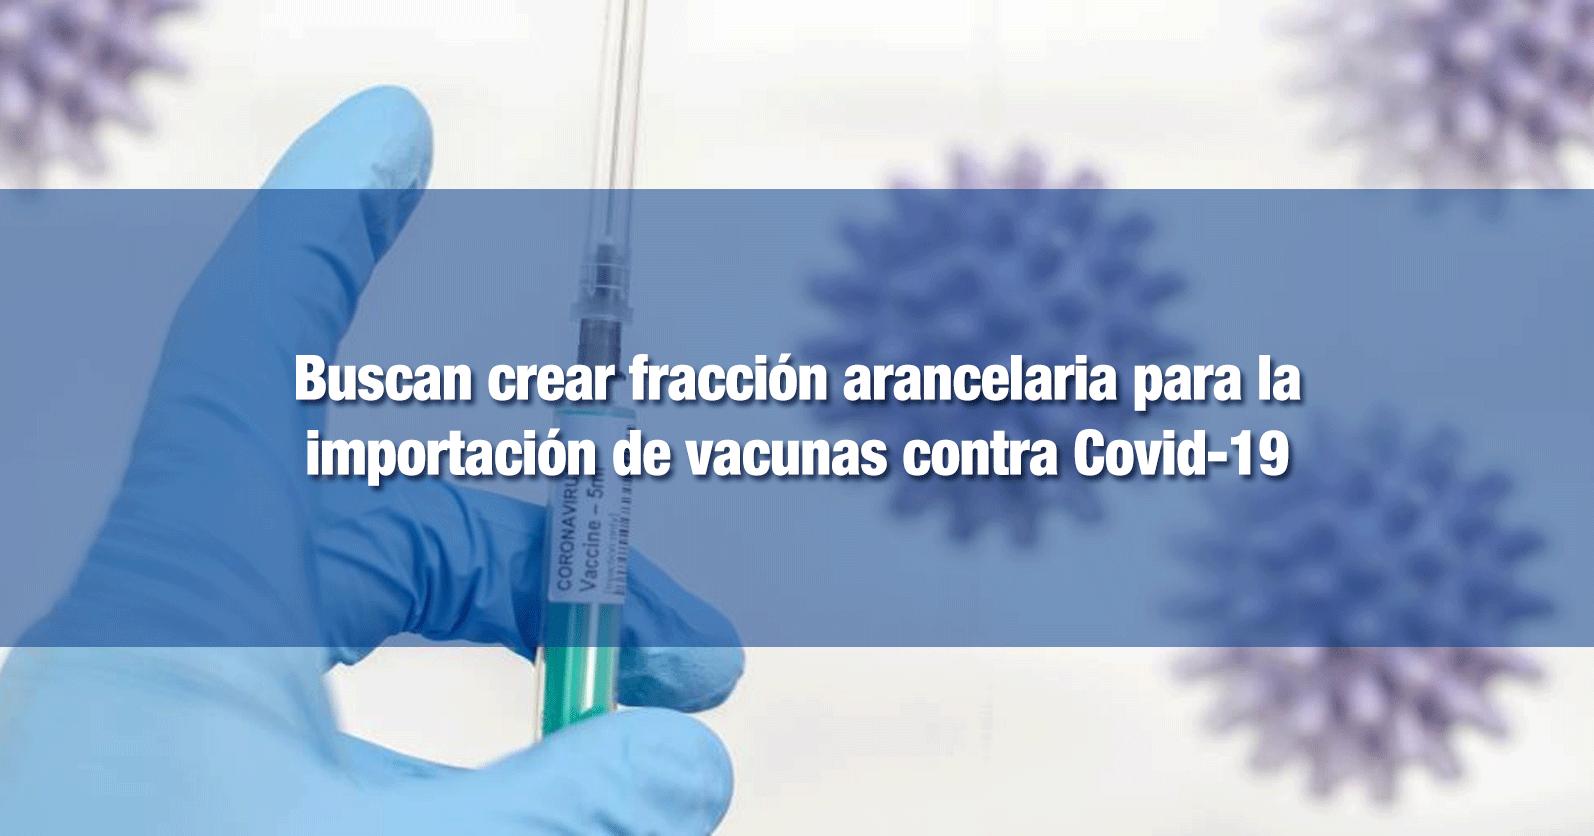 Buscan crear fracción arancelaria para la importación de vacunas contra Covid-19